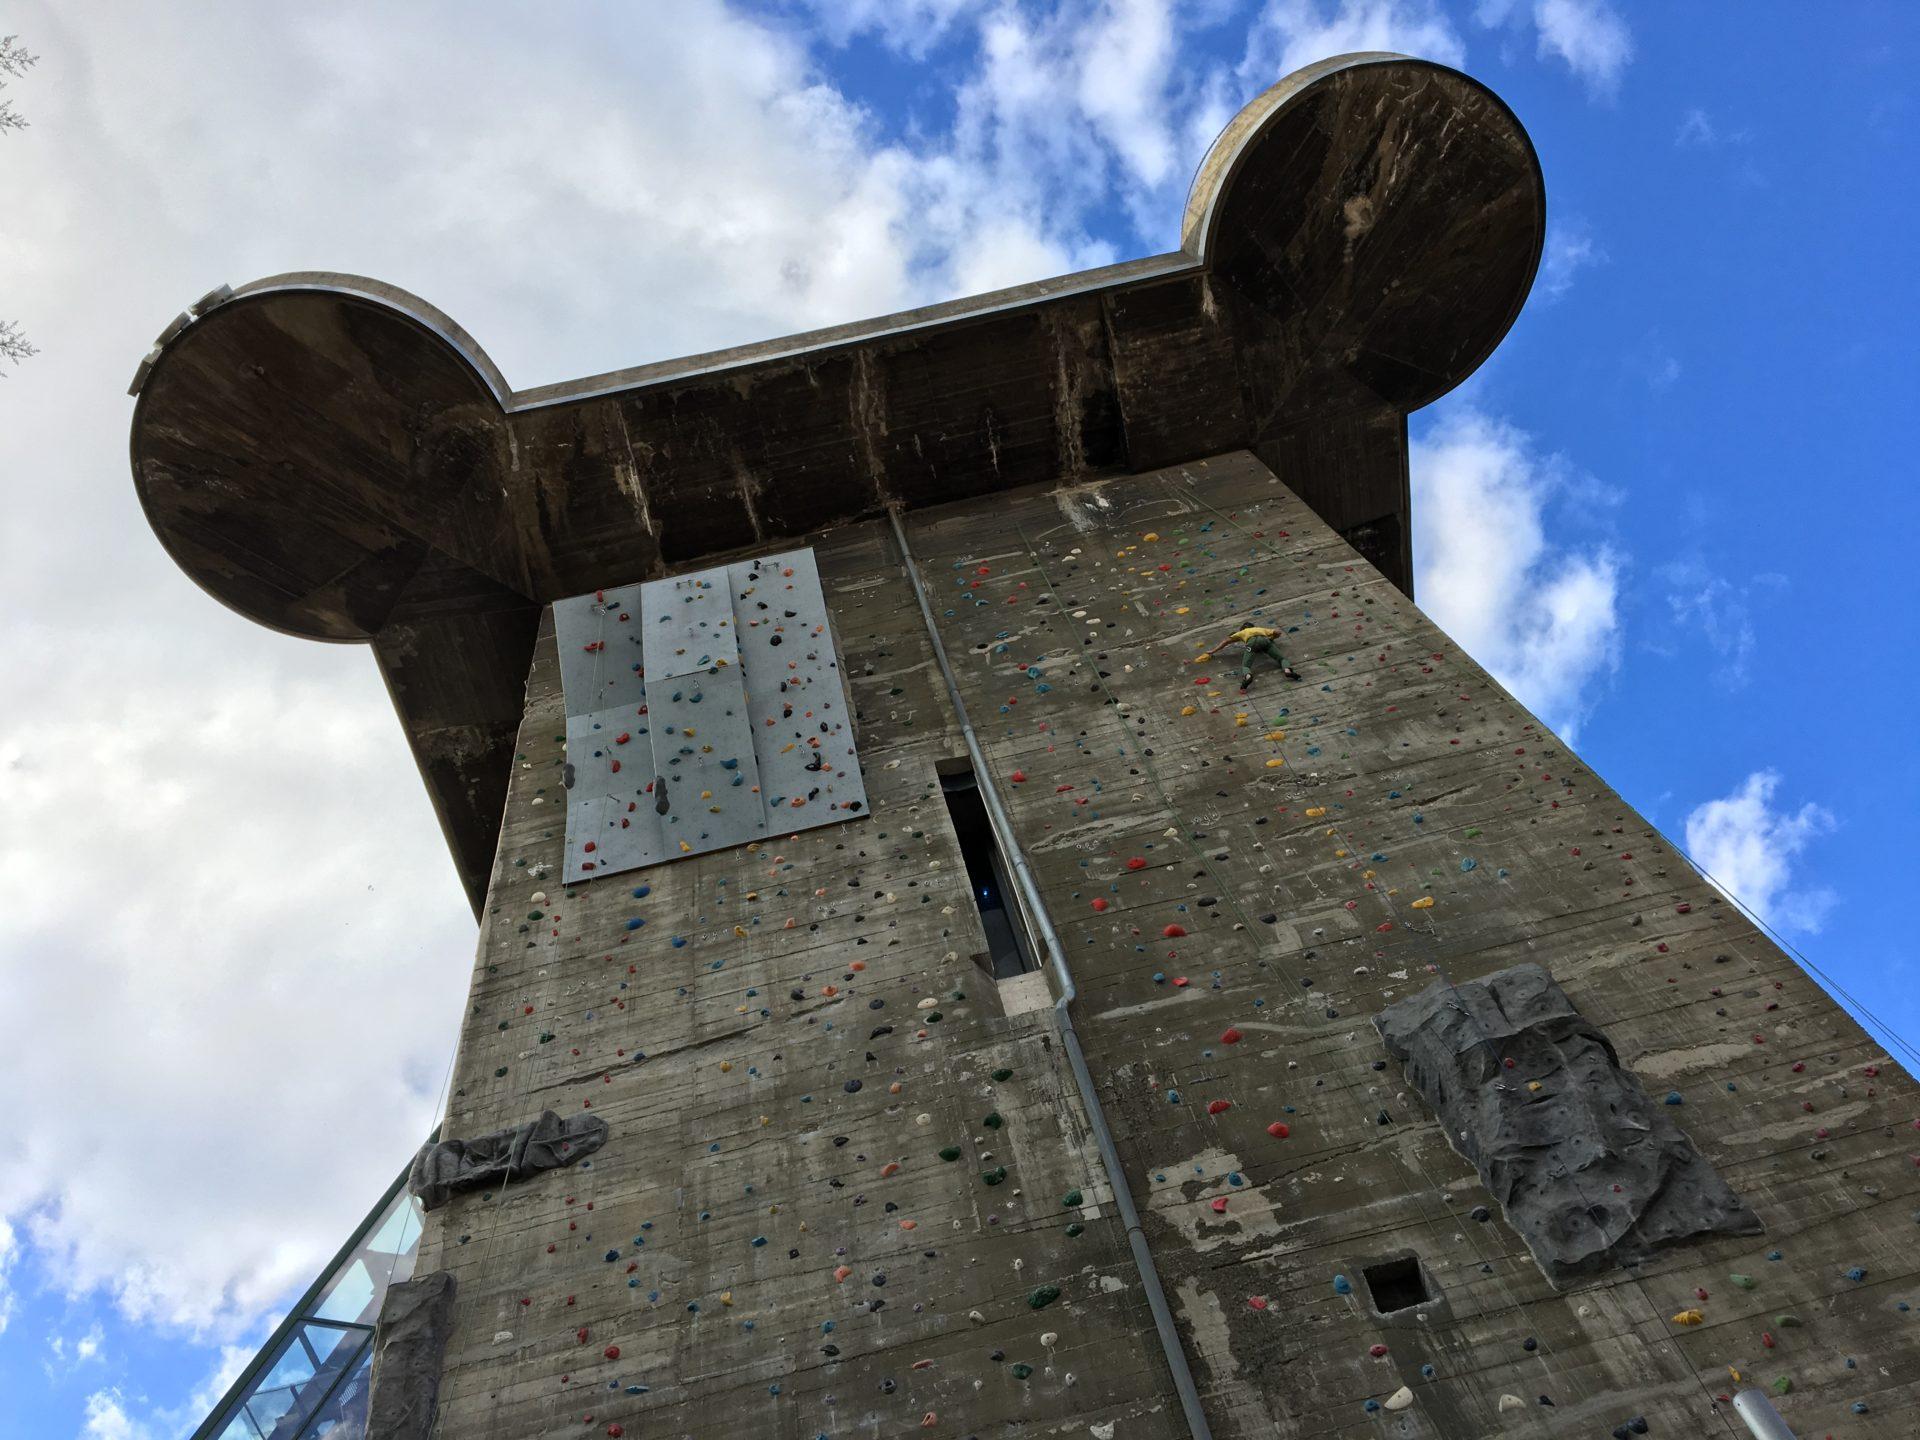 Flak tower, Vienna